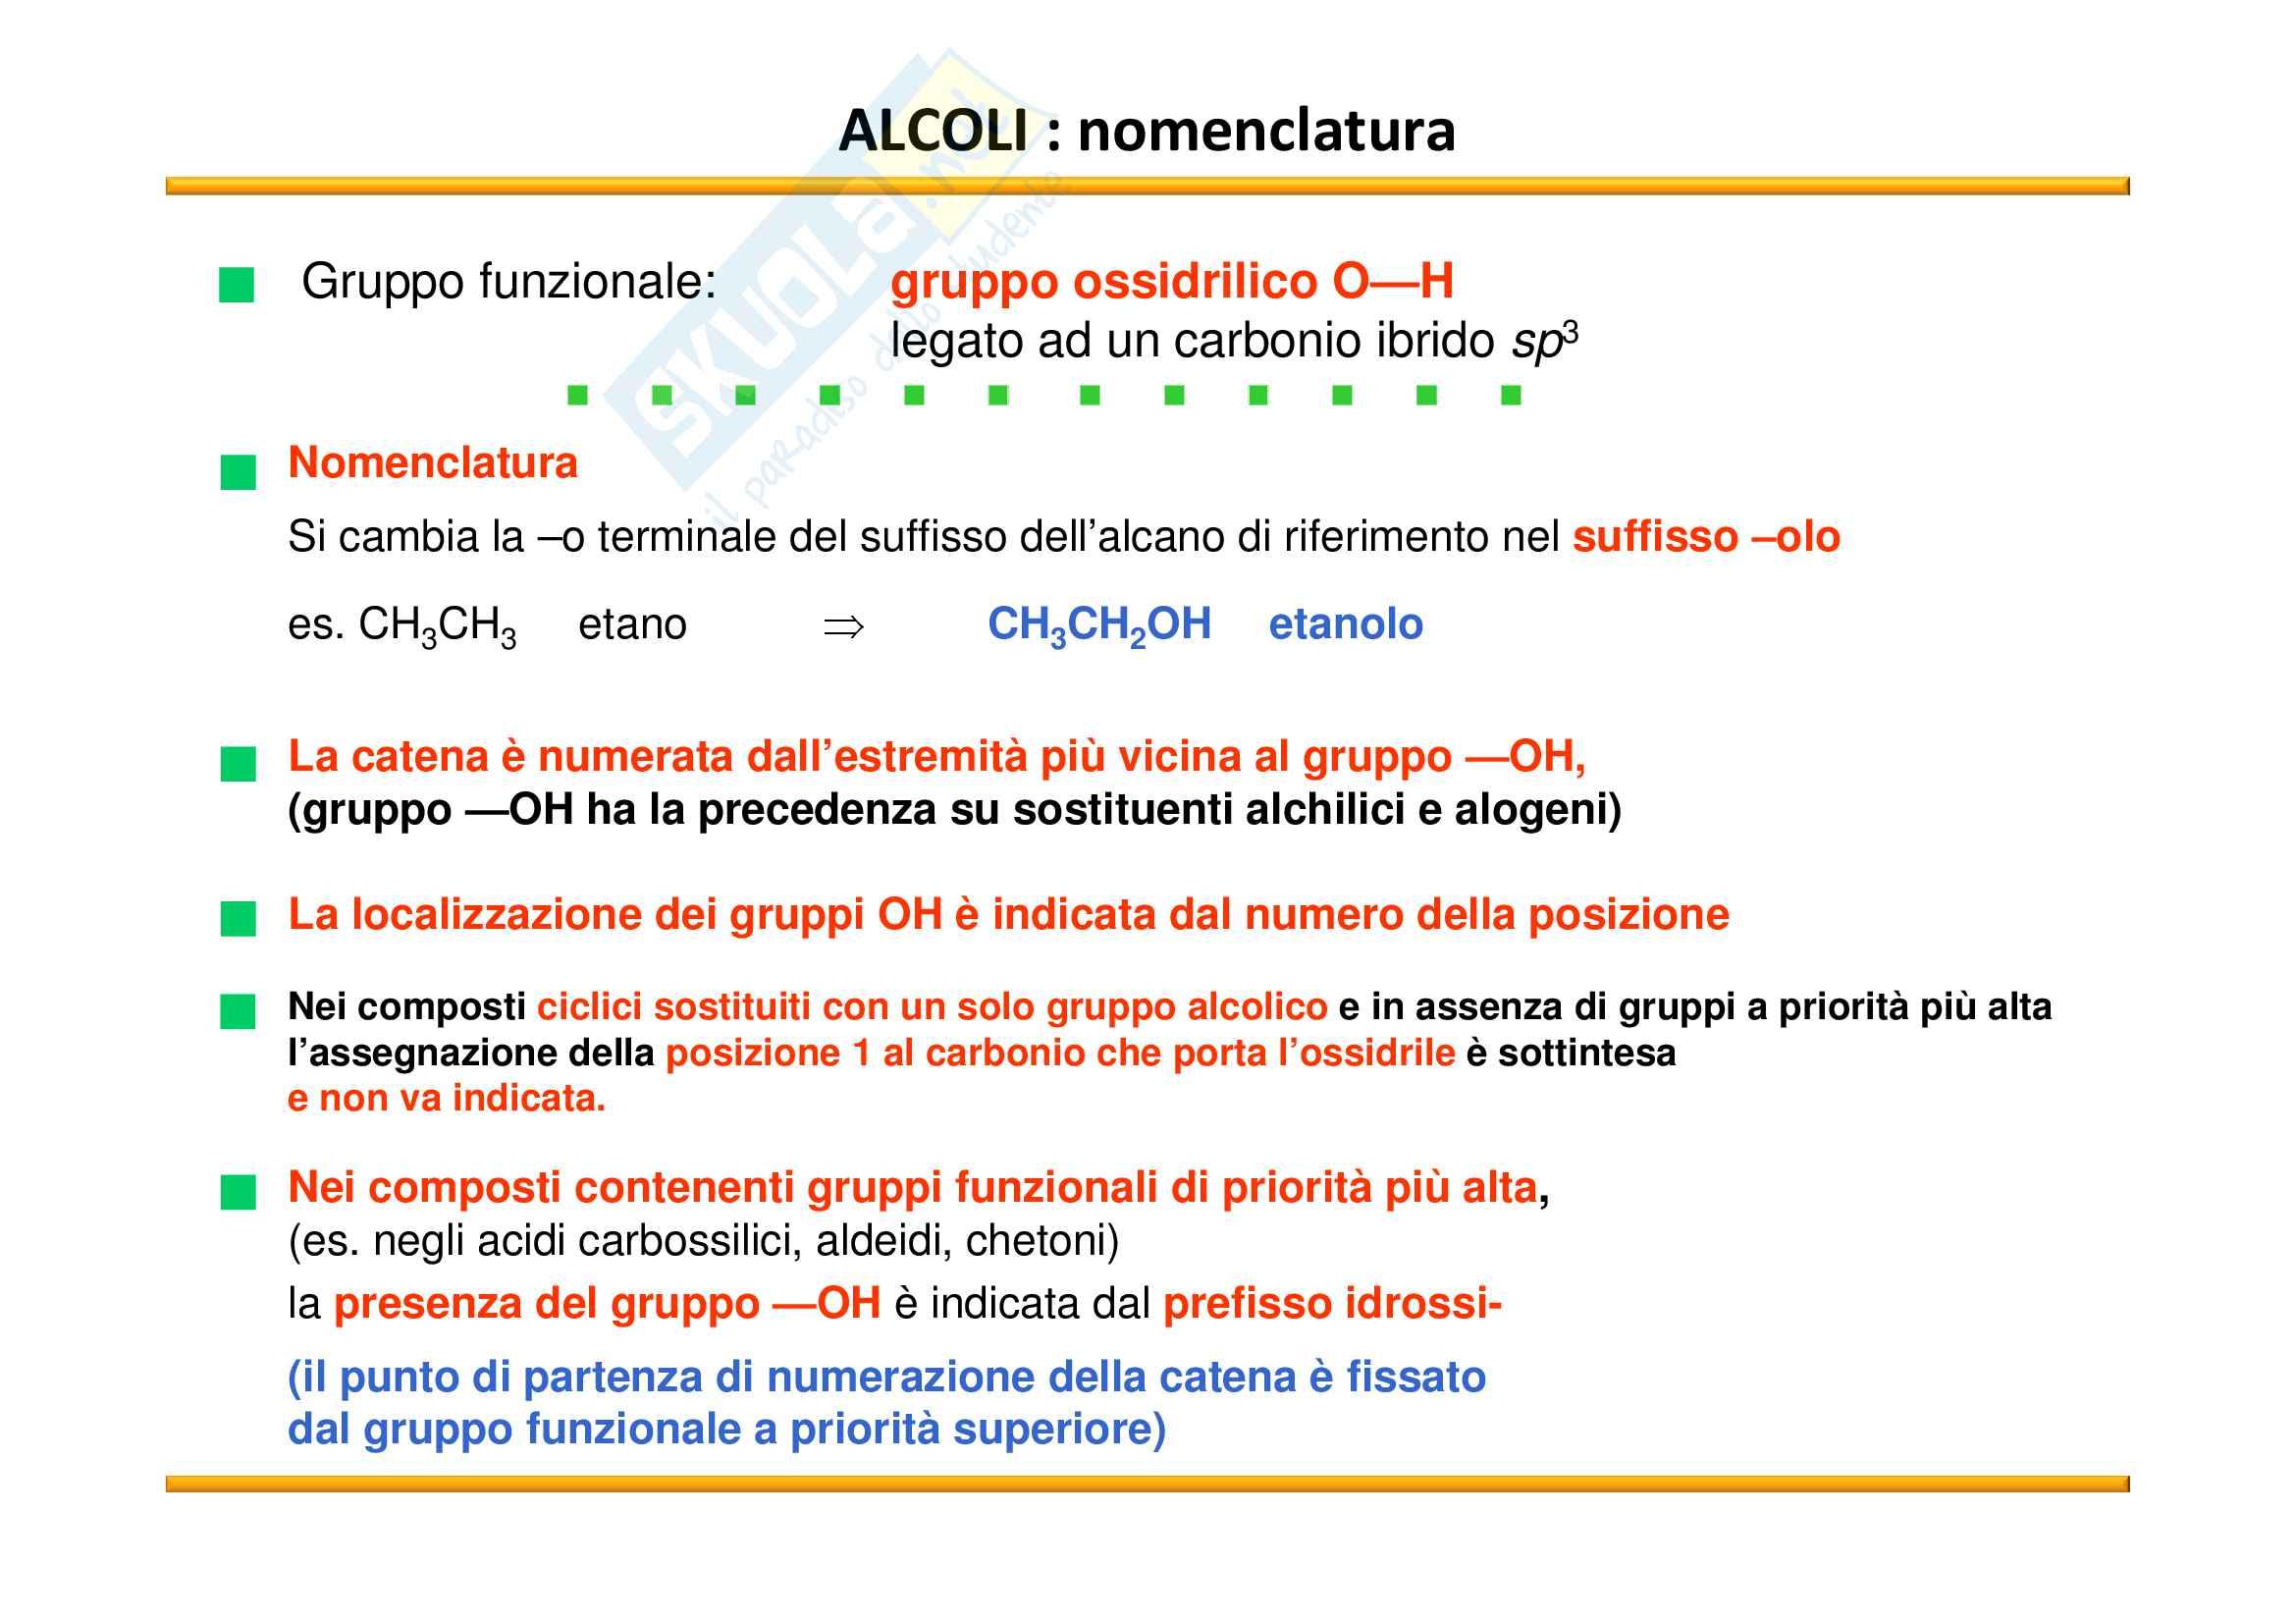 Chimica Organica: Alcoli